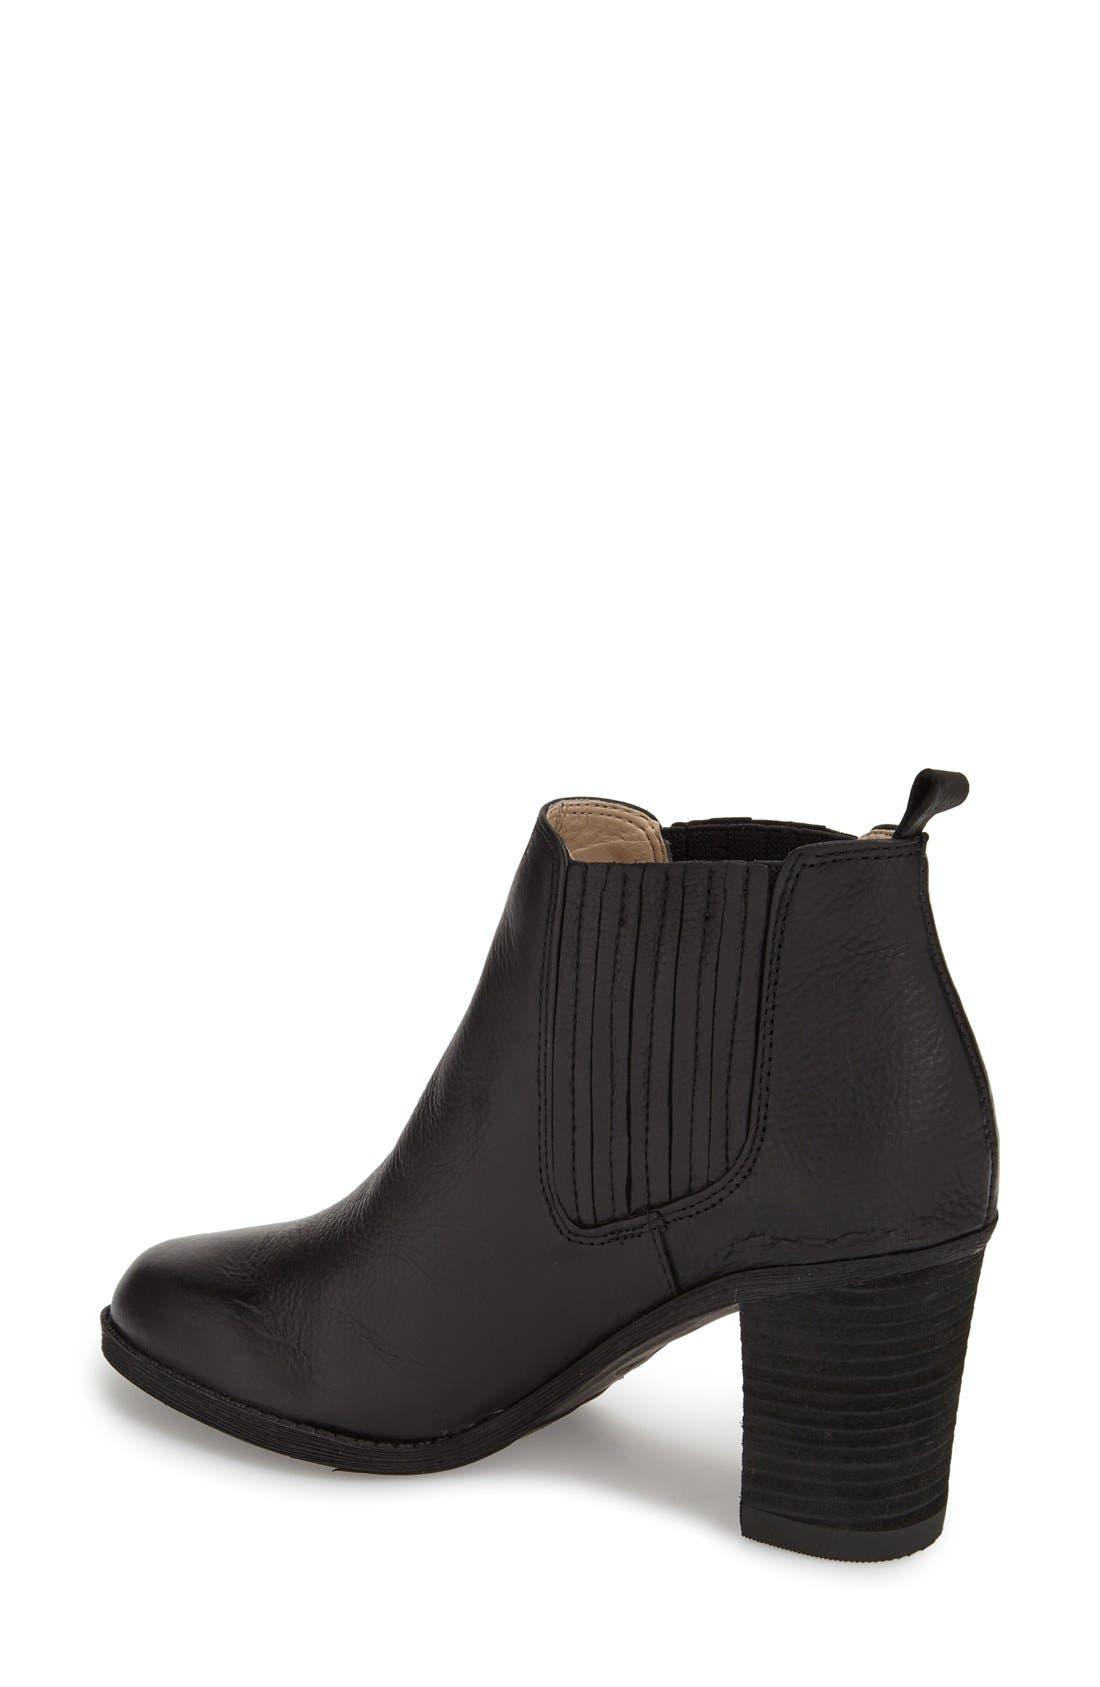 Alternate Image 2  - Dr. Scholl's Original Collection 'London' Block Heel Bootie (Women)